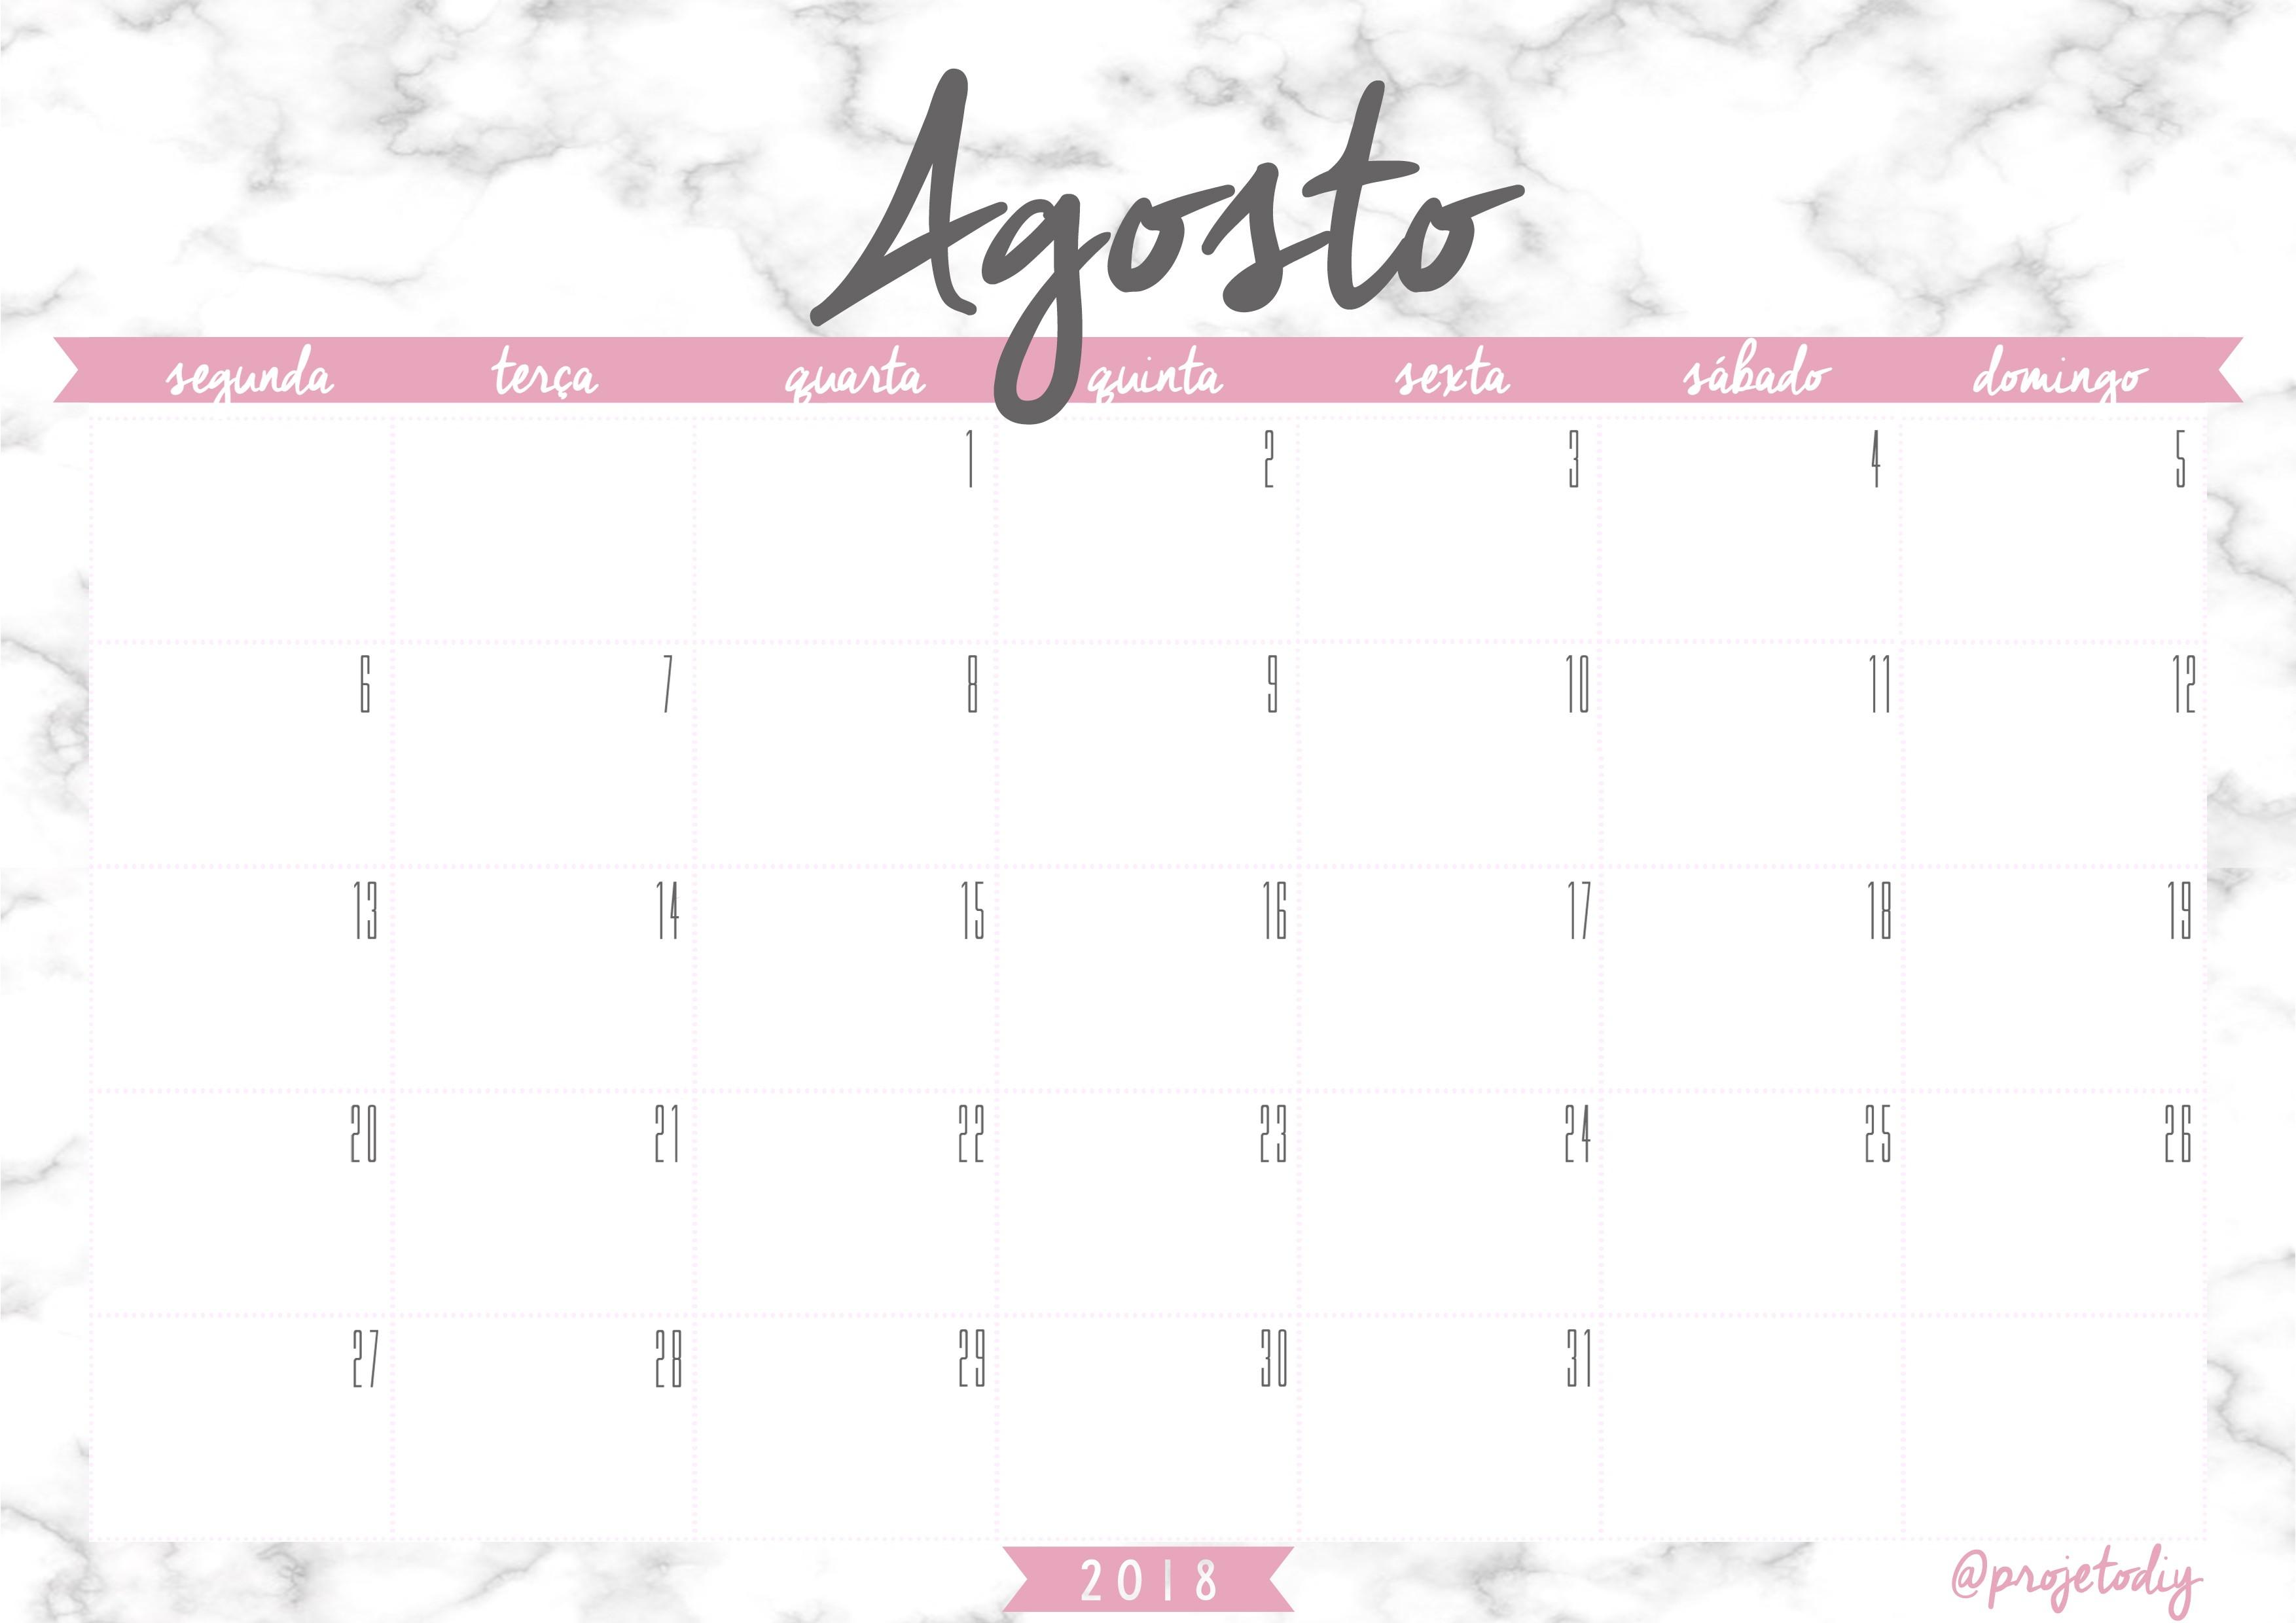 Calendário 2019 Com Feriados Download Más Caliente Calendario Novembro 2018 Imprimir T Of Calendário 2019 Com Feriados Download Recientes Calendario Novembro 2018 Imprimir T